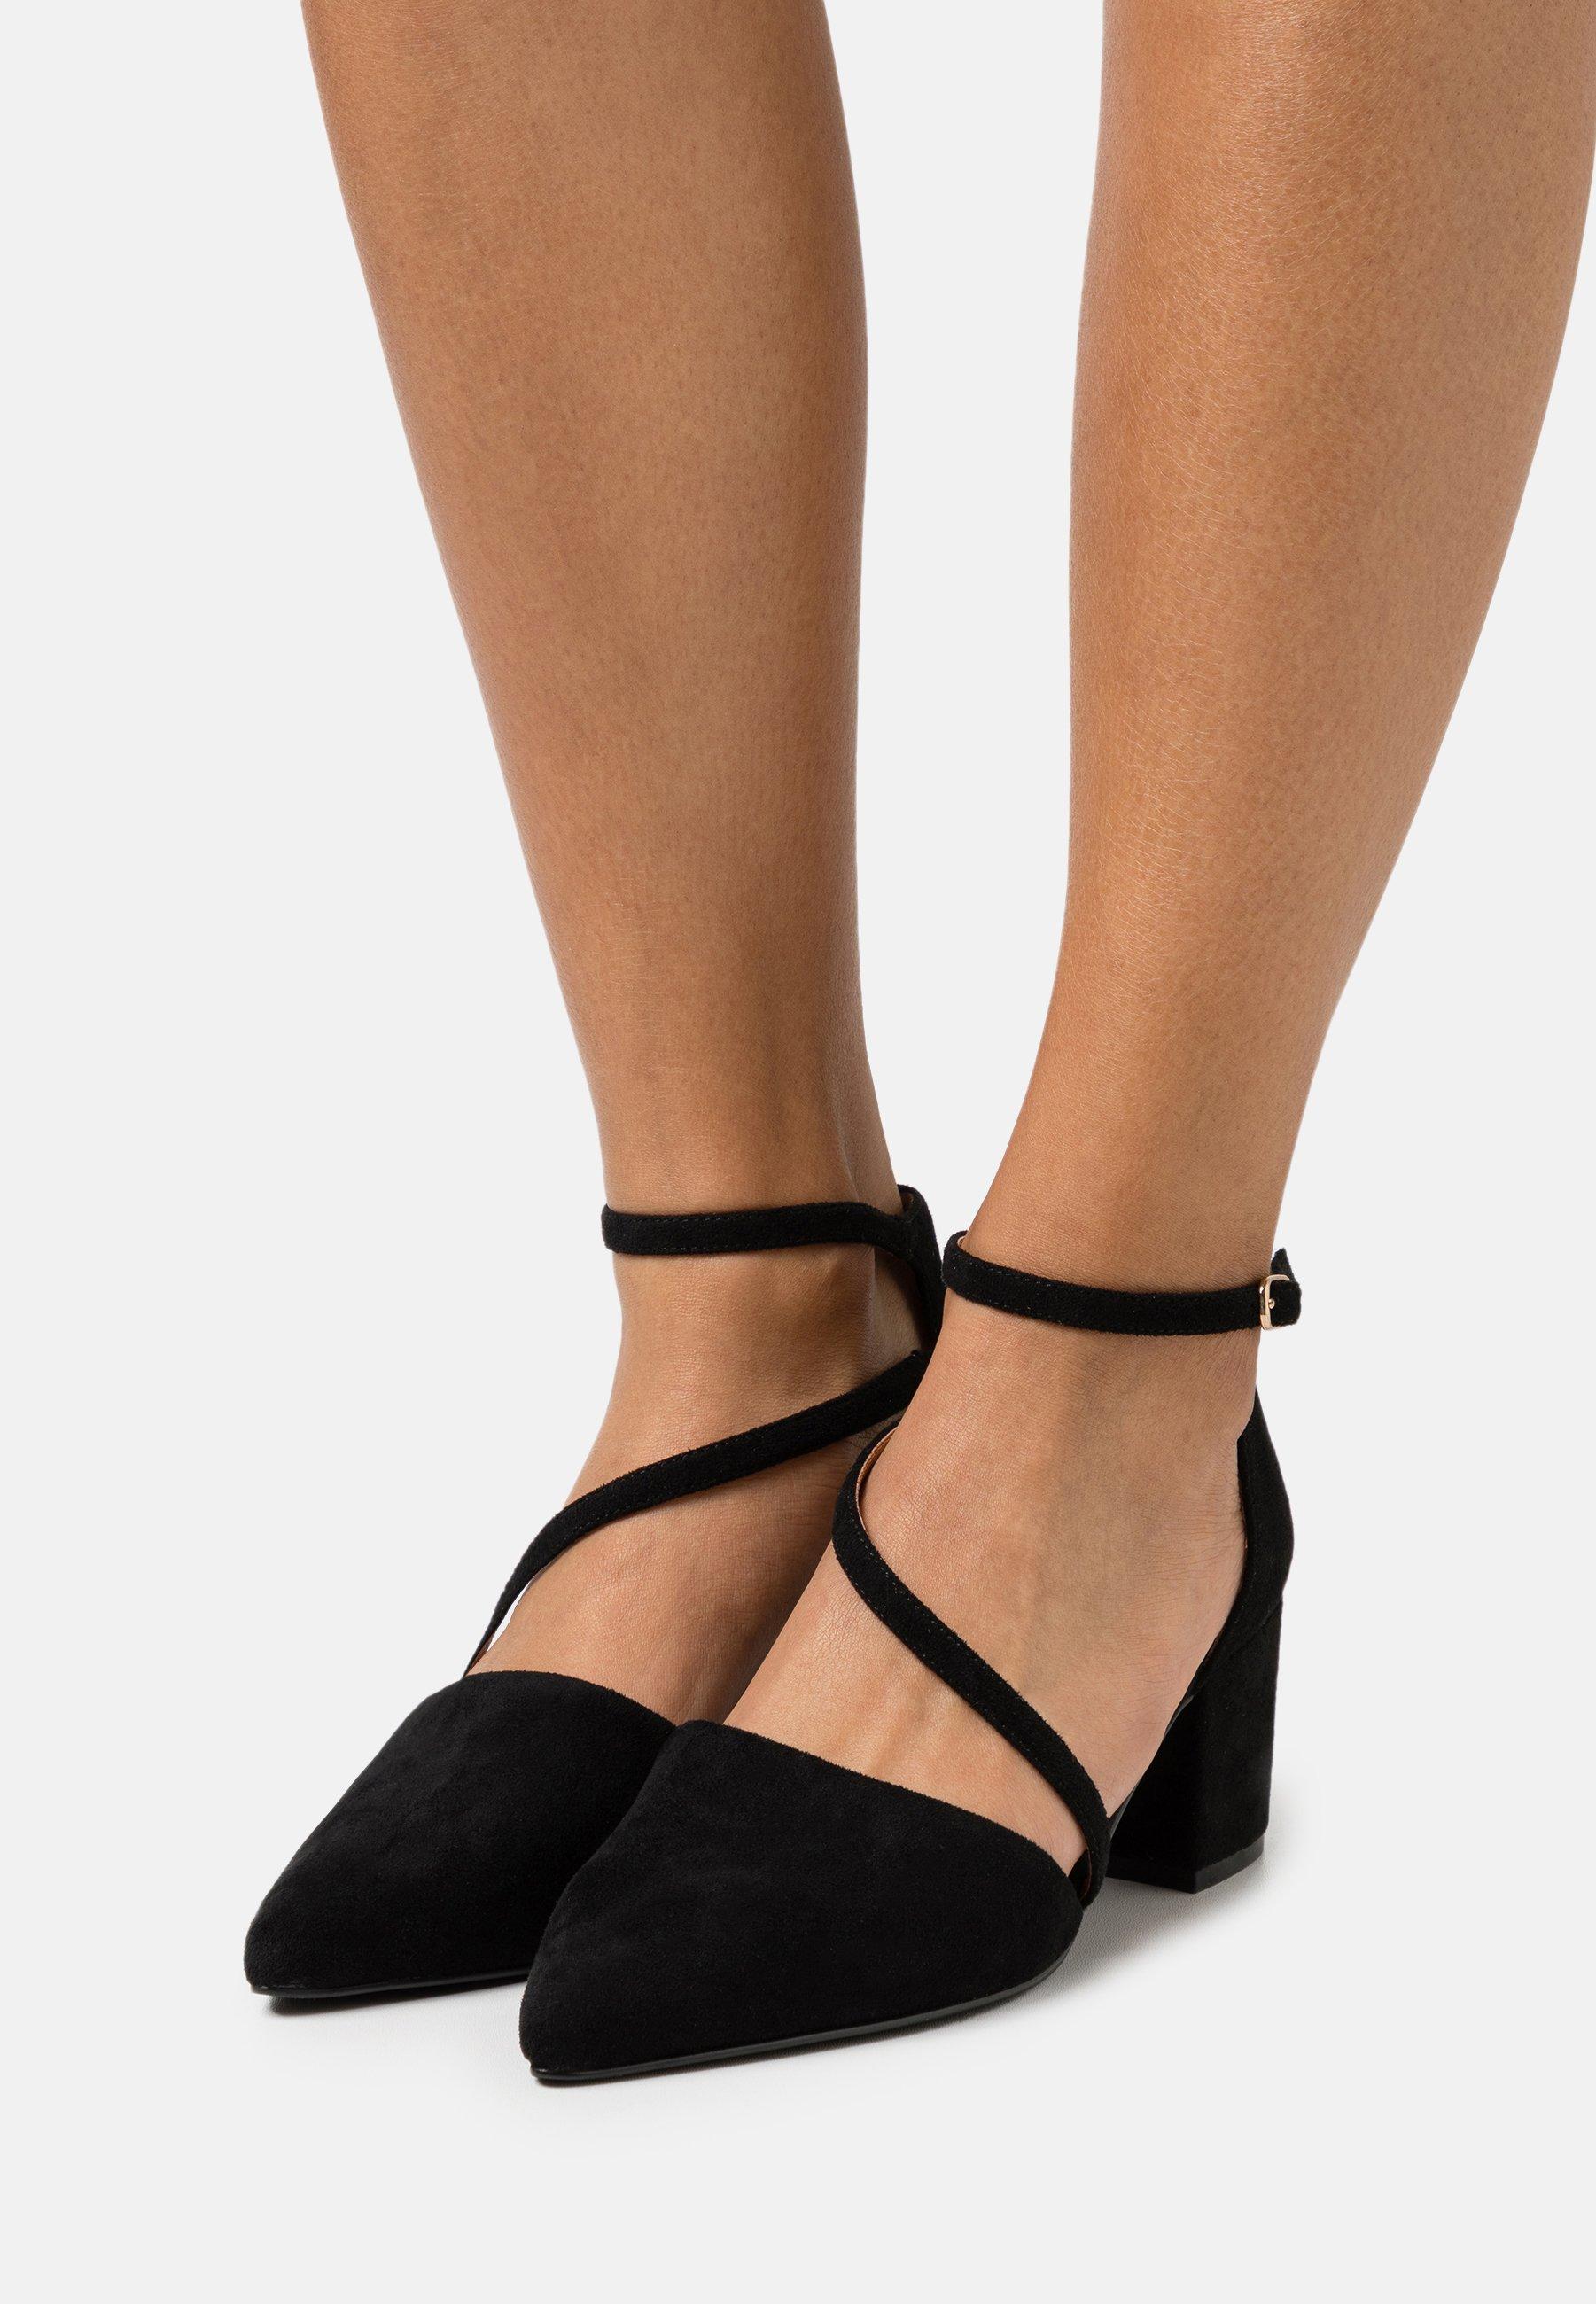 Femme BIADIVIVED STRAP  - Escarpins - black